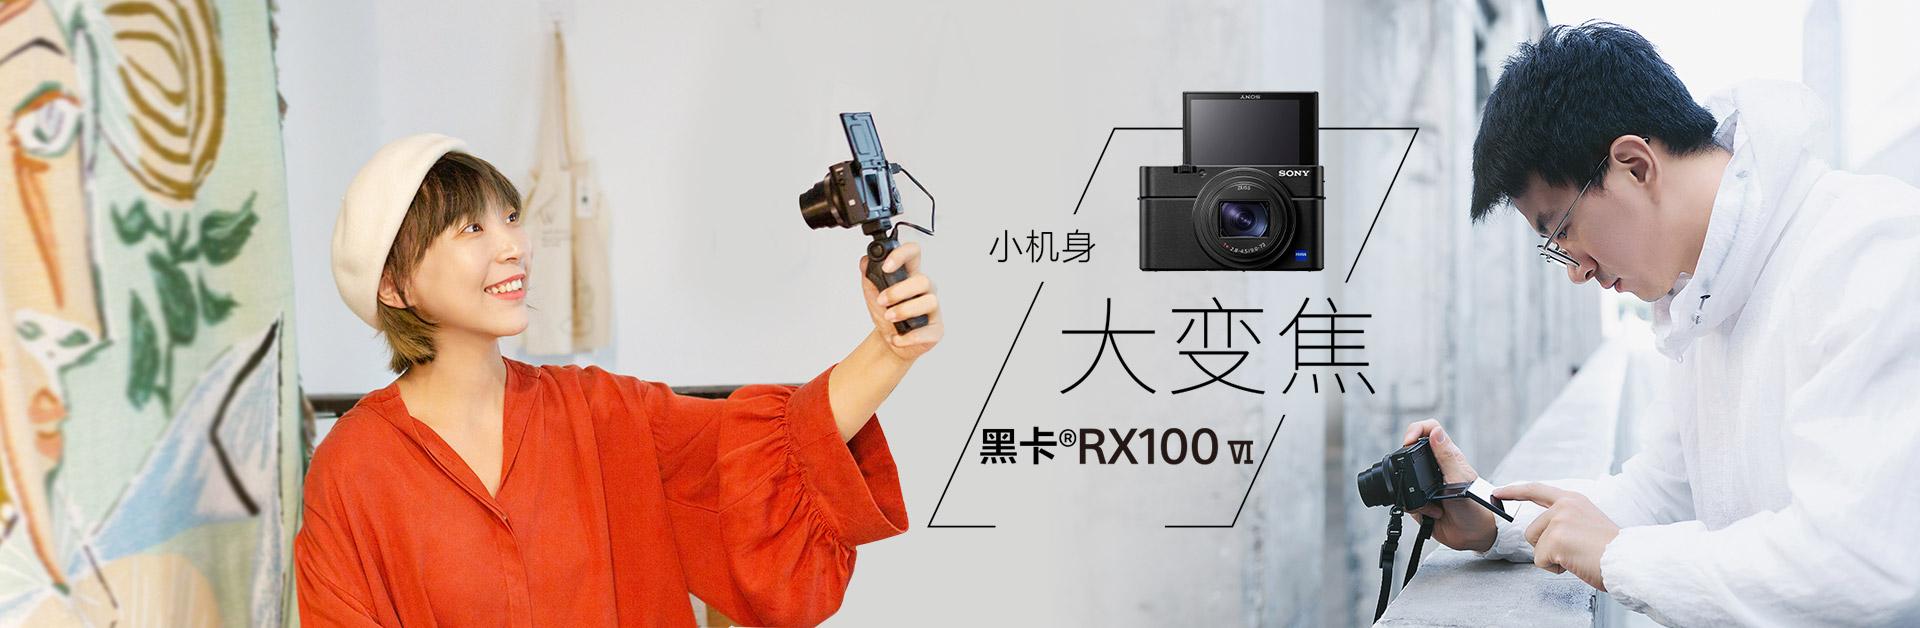 小机身大变焦 黑卡®RX100M6